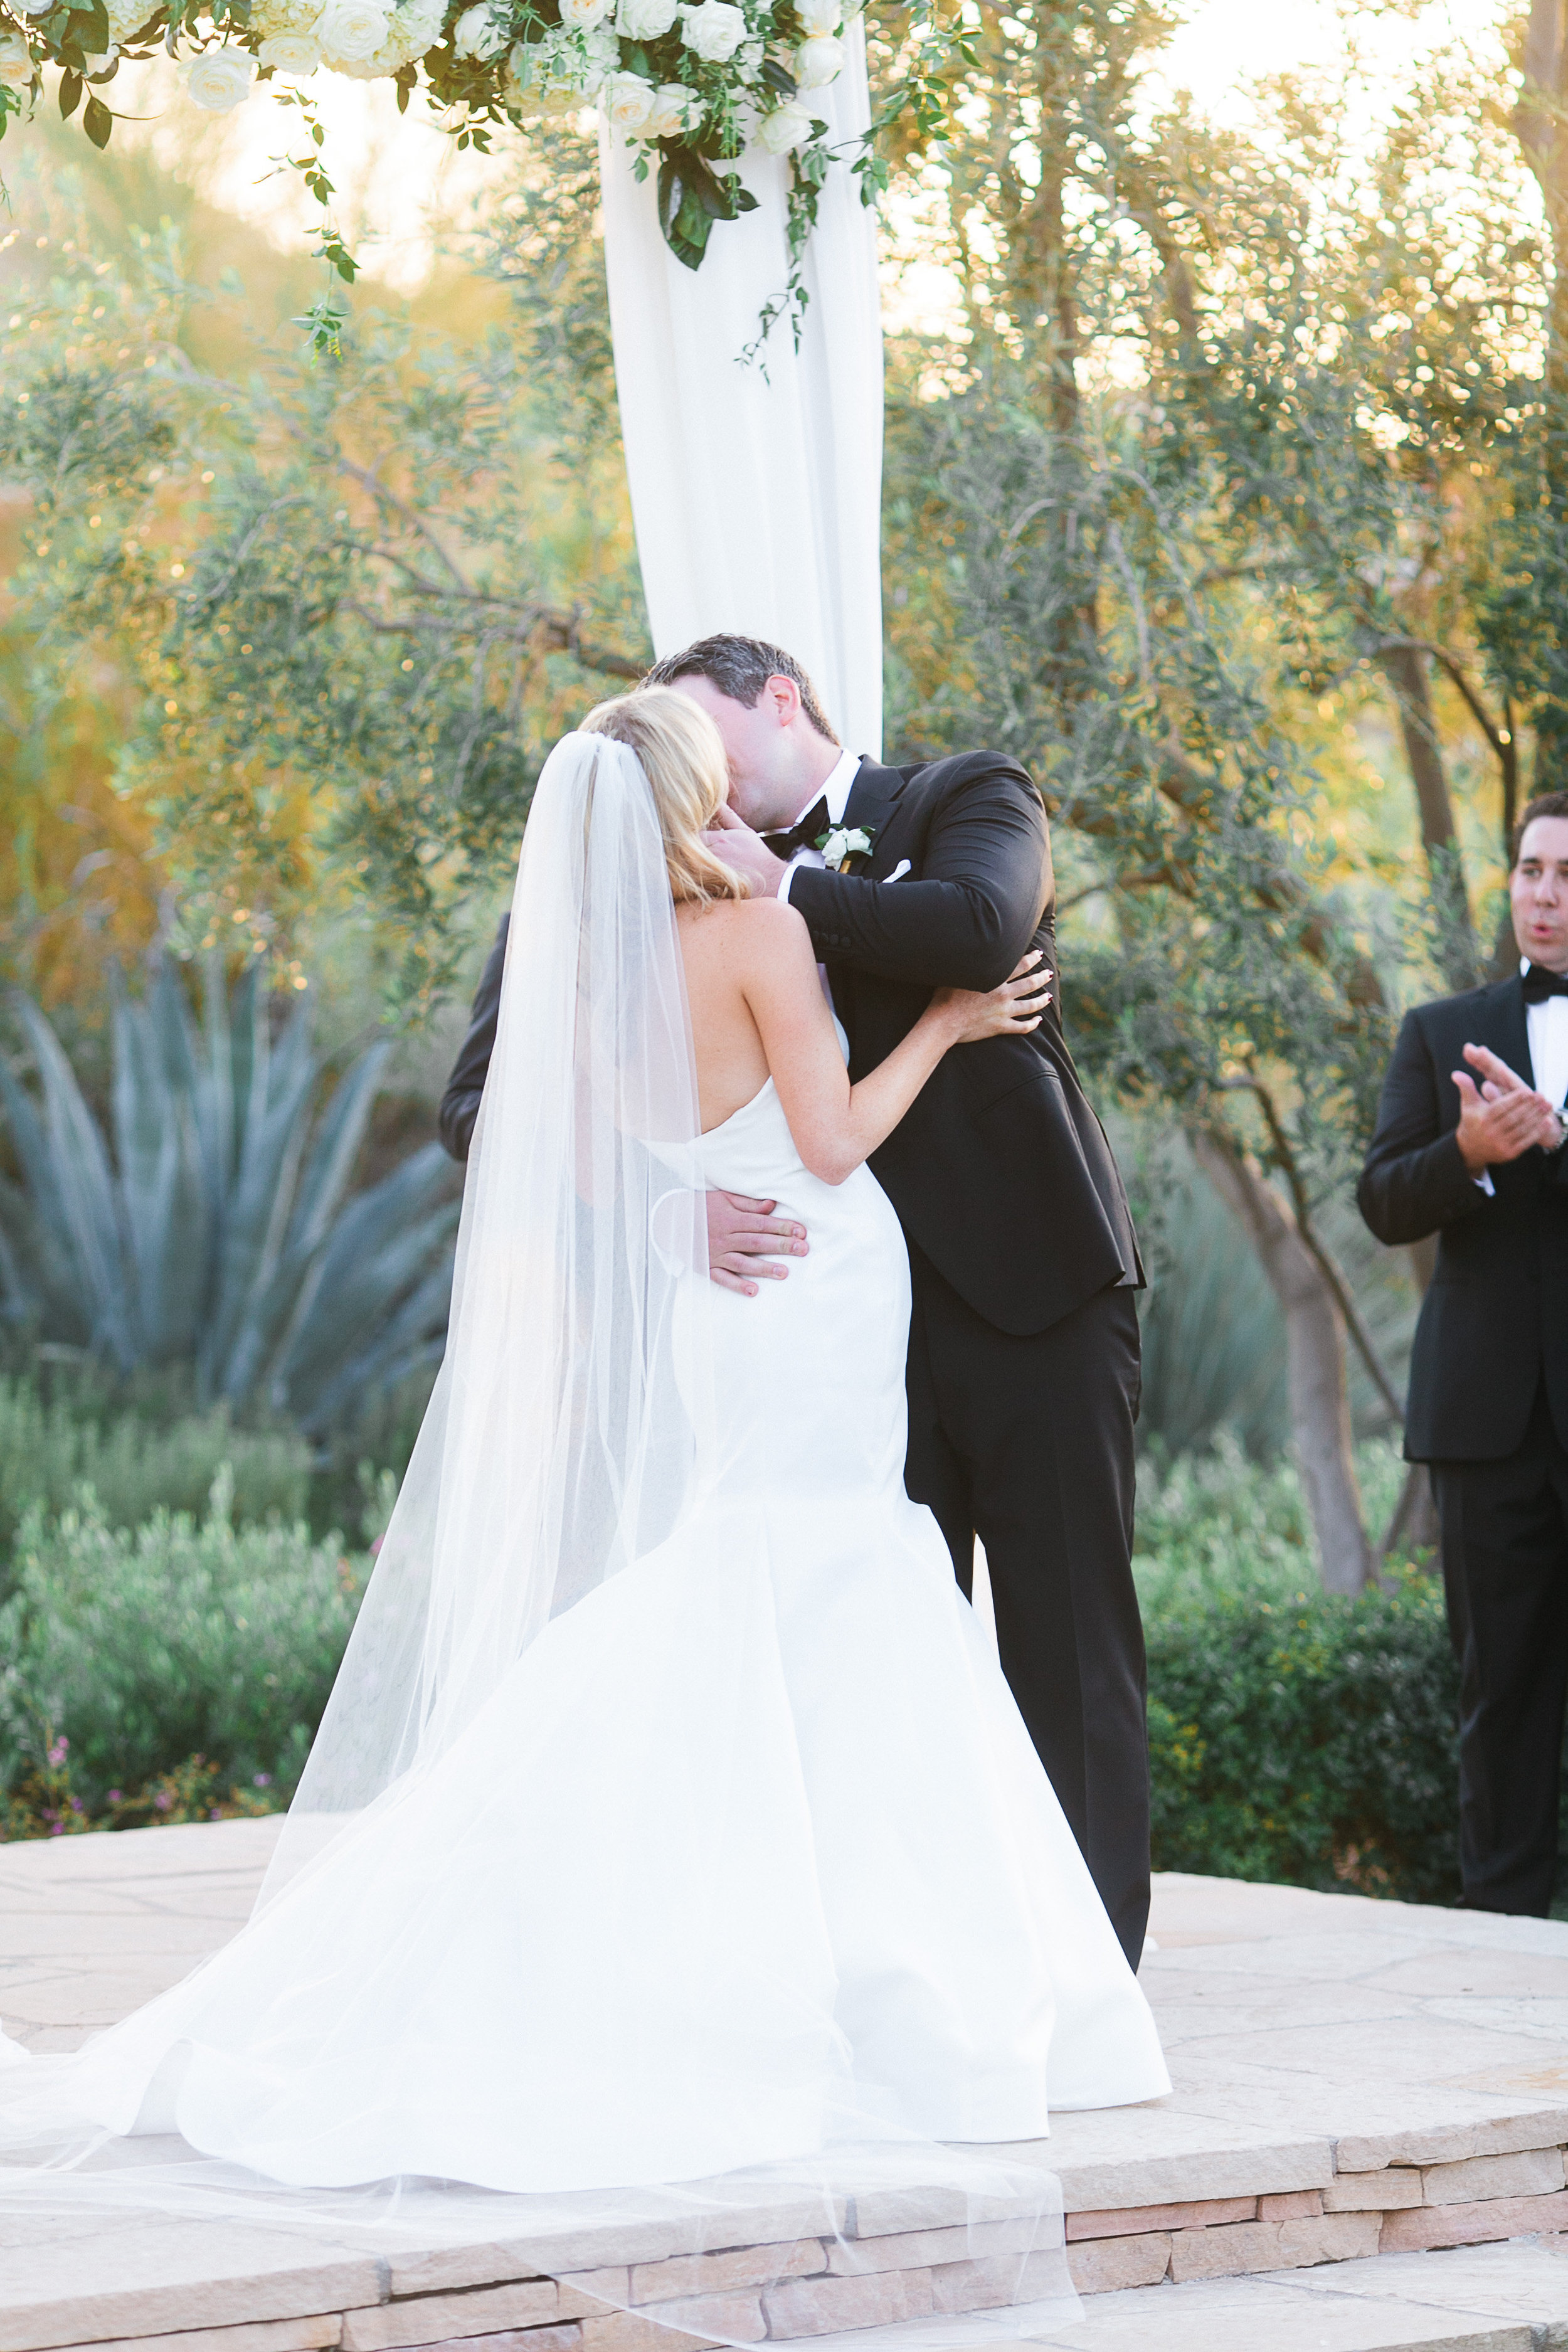 Ael chorro-weddings-0571.jpg